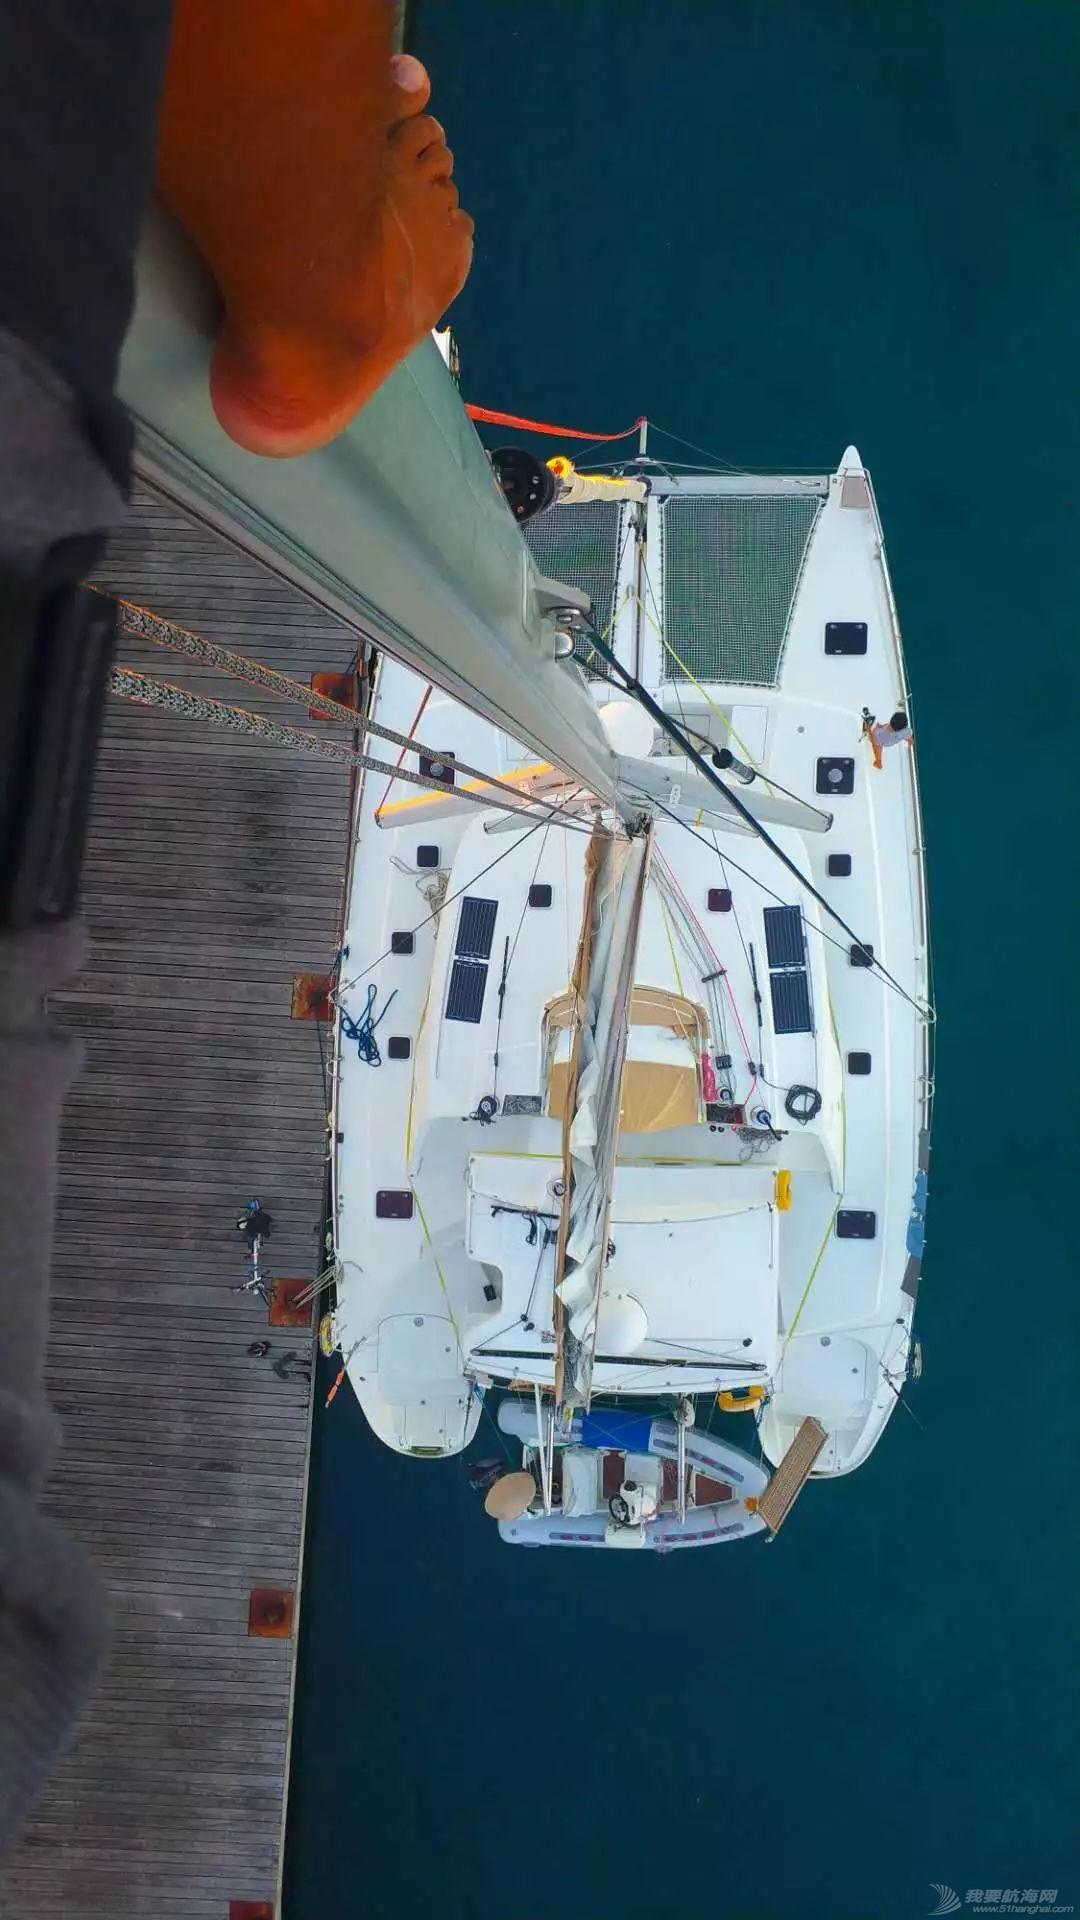 梦想号大溪地航行去汤加寻找鲸鱼的踪迹w11.jpg